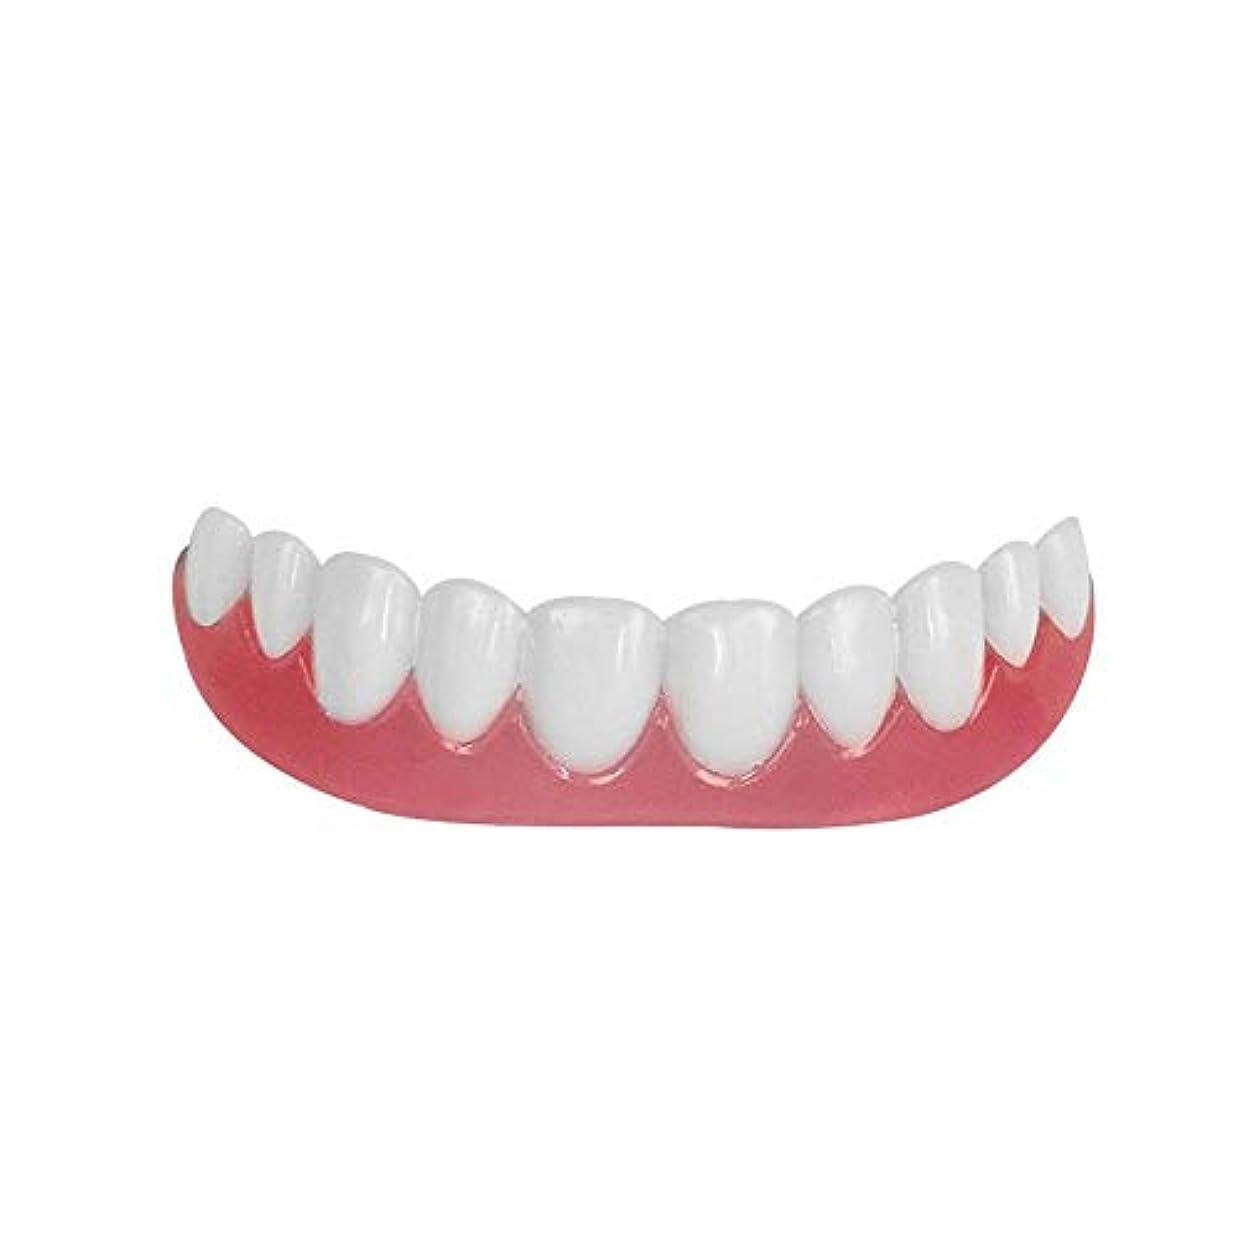 シャンプー影響力のあるブロッサムシリコーン模擬歯上歯、歯科用ステッカーのホワイトニング、歯のホワイトニングセット(1pcs),A